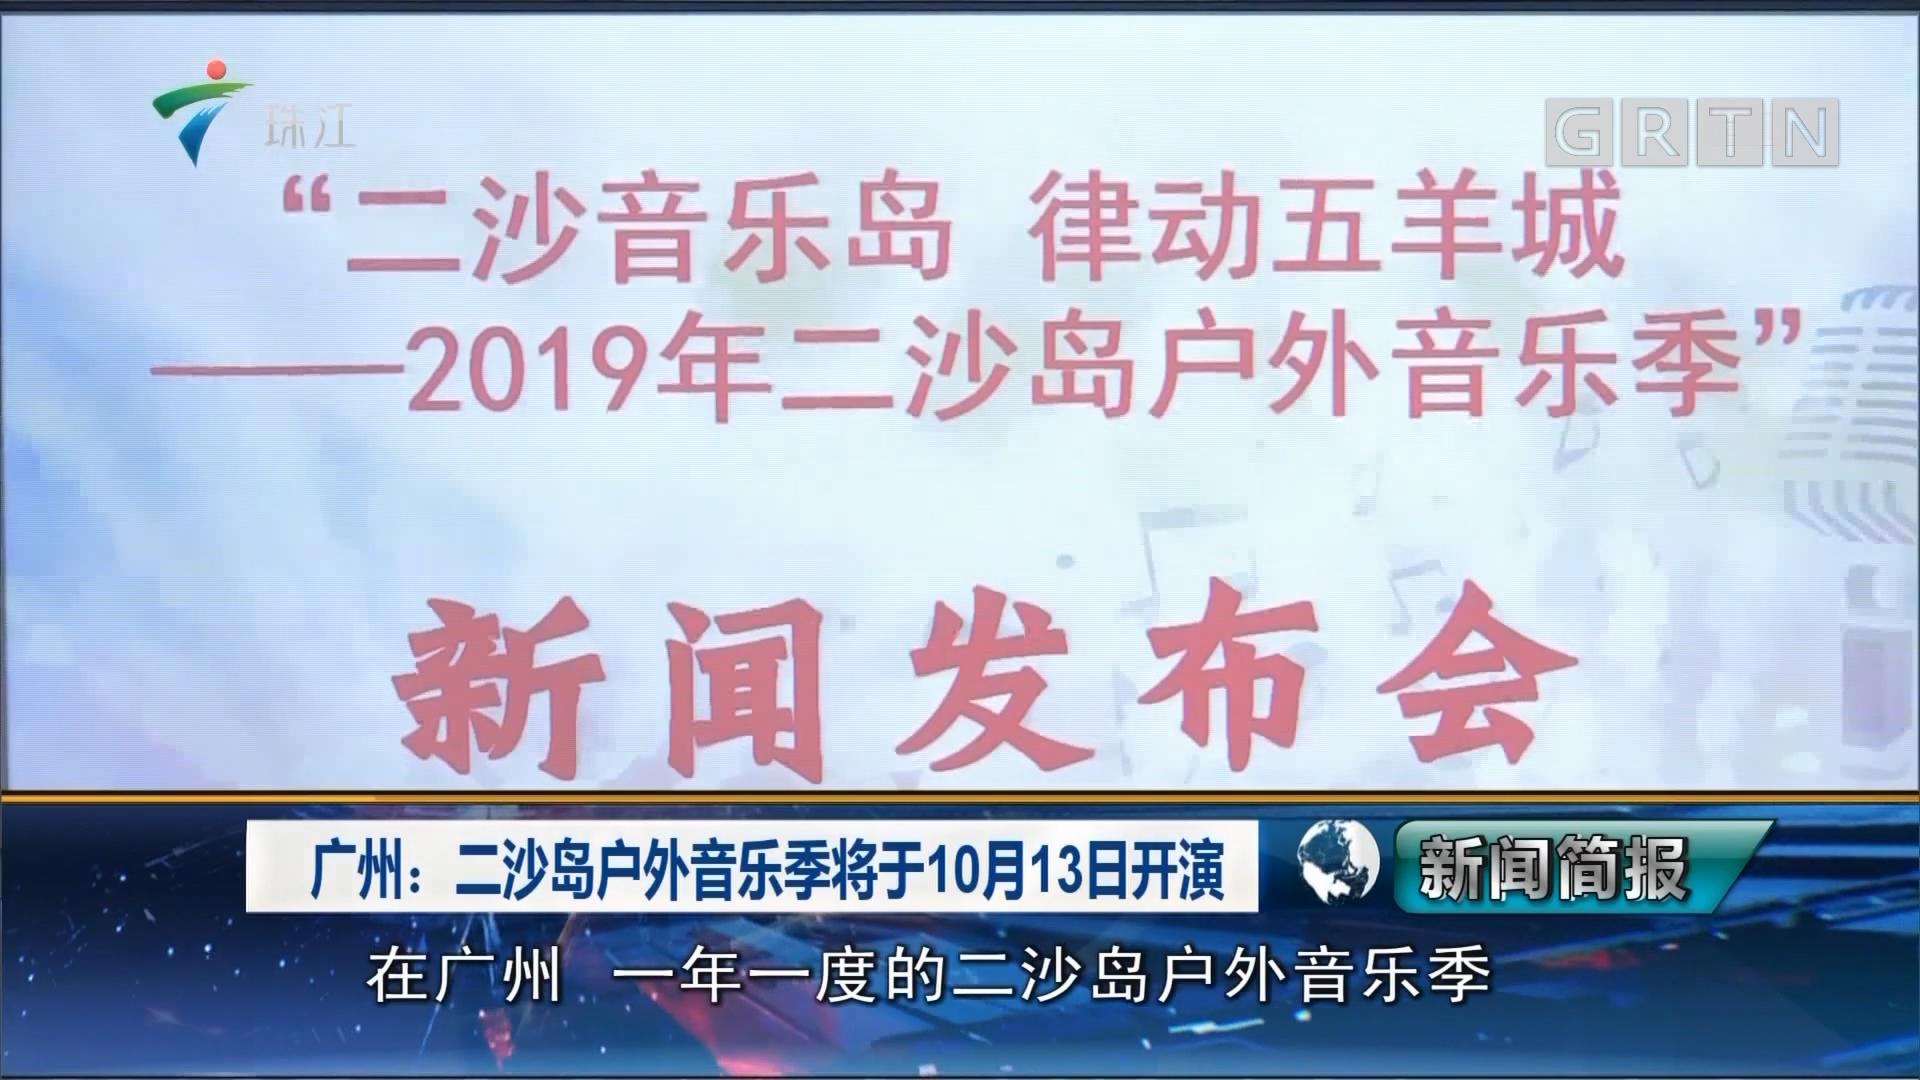 广州:二沙岛户外音乐季将于10月13日开演